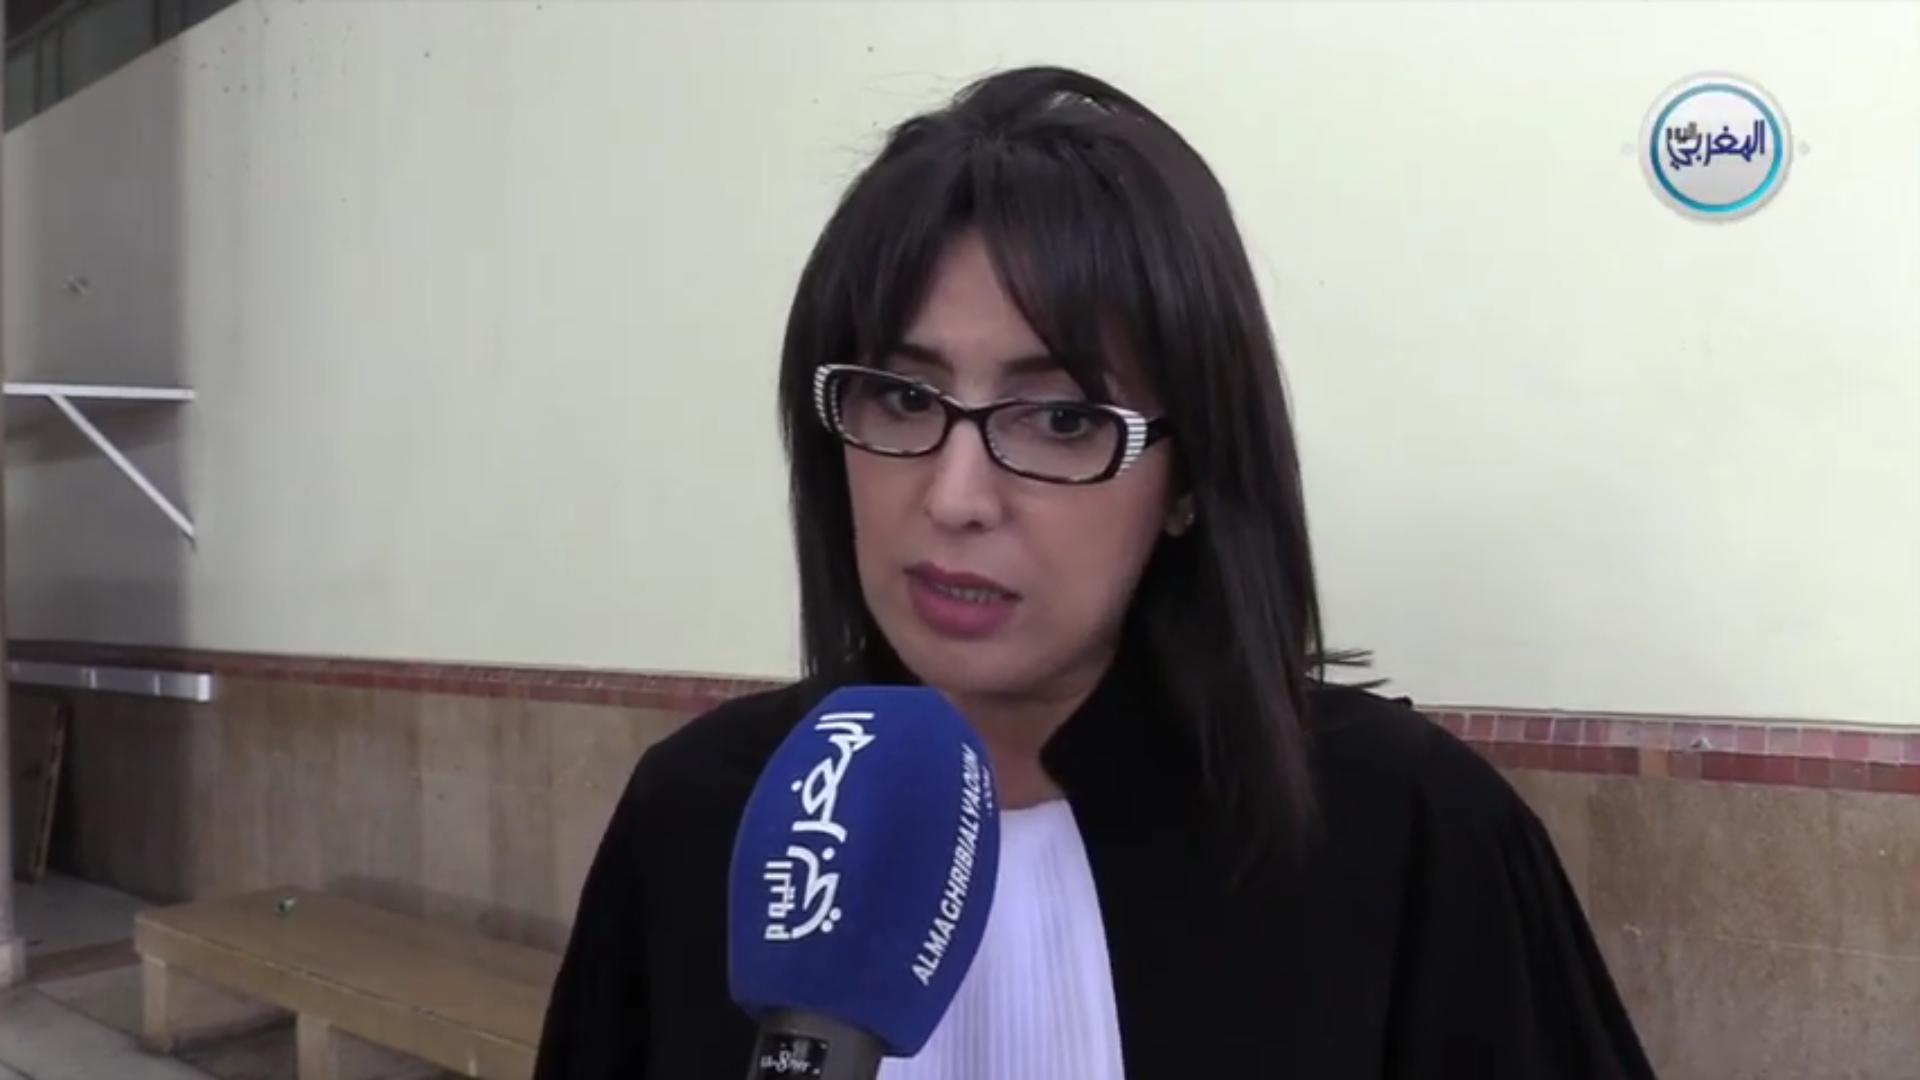 بالفيديو… المحامية مريم الإدريسي في تصريح غير مسبوق حول قضية بوعشرين